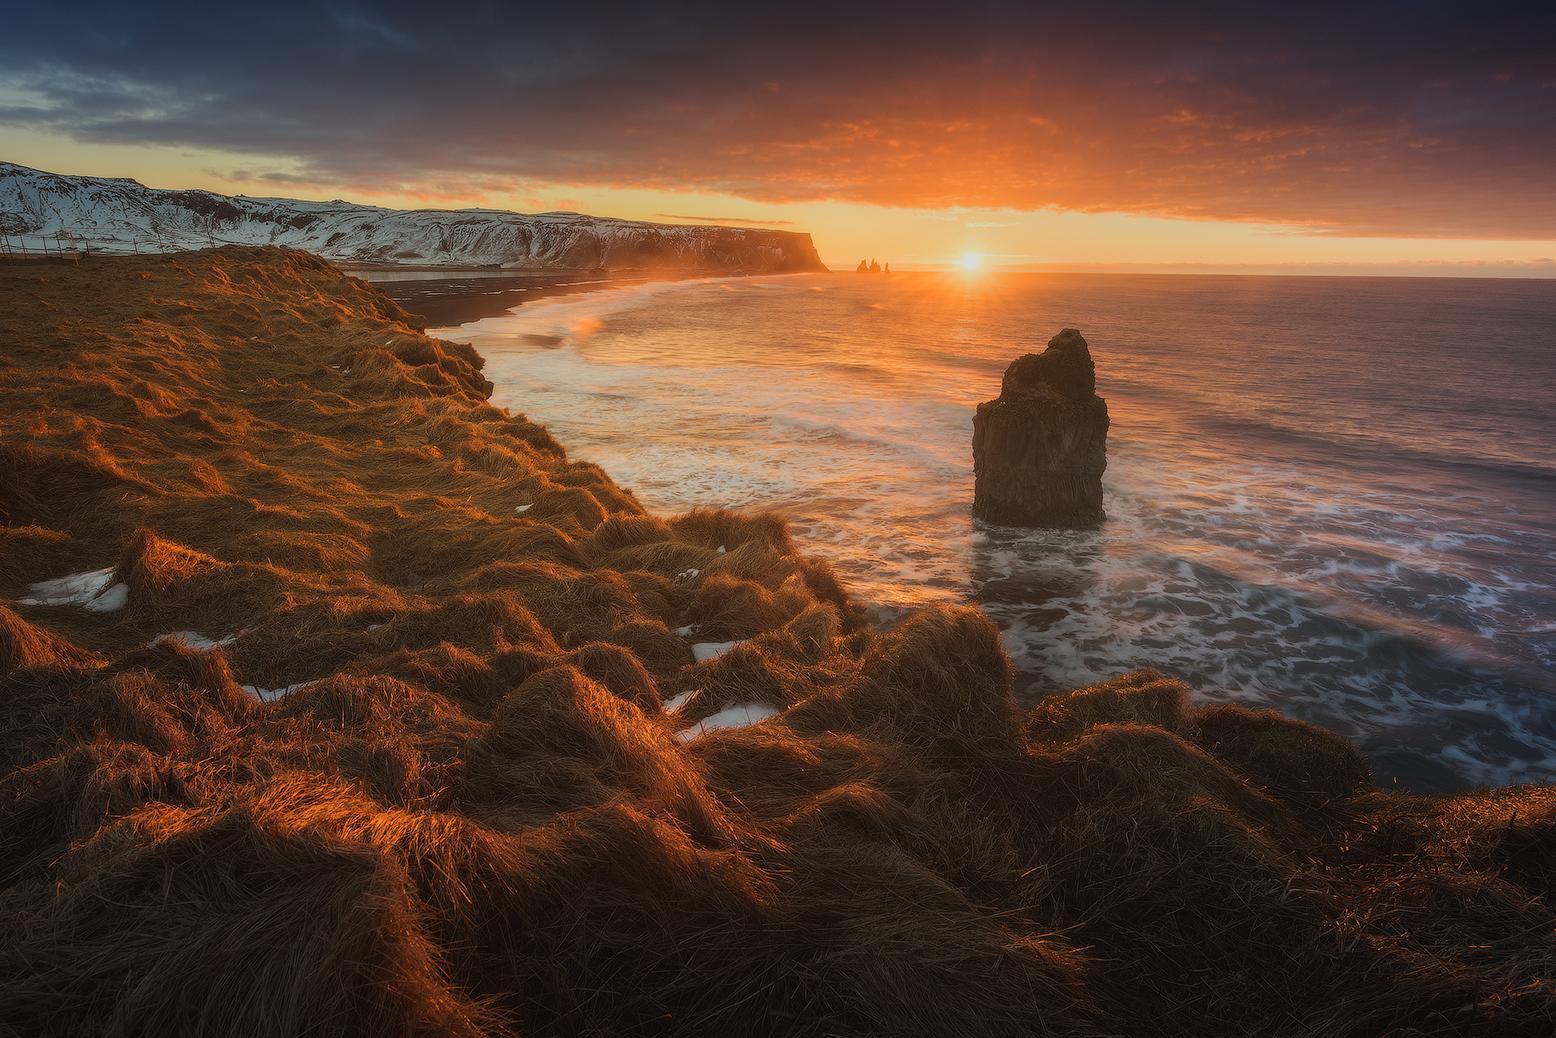 พระอาทิตย์ตกเหนือชายฝั่งทางใต้ของประเทศไอซ์แลนด์พร้อมด้วยชั้นหินทะเลที่น่าทึ่ง.